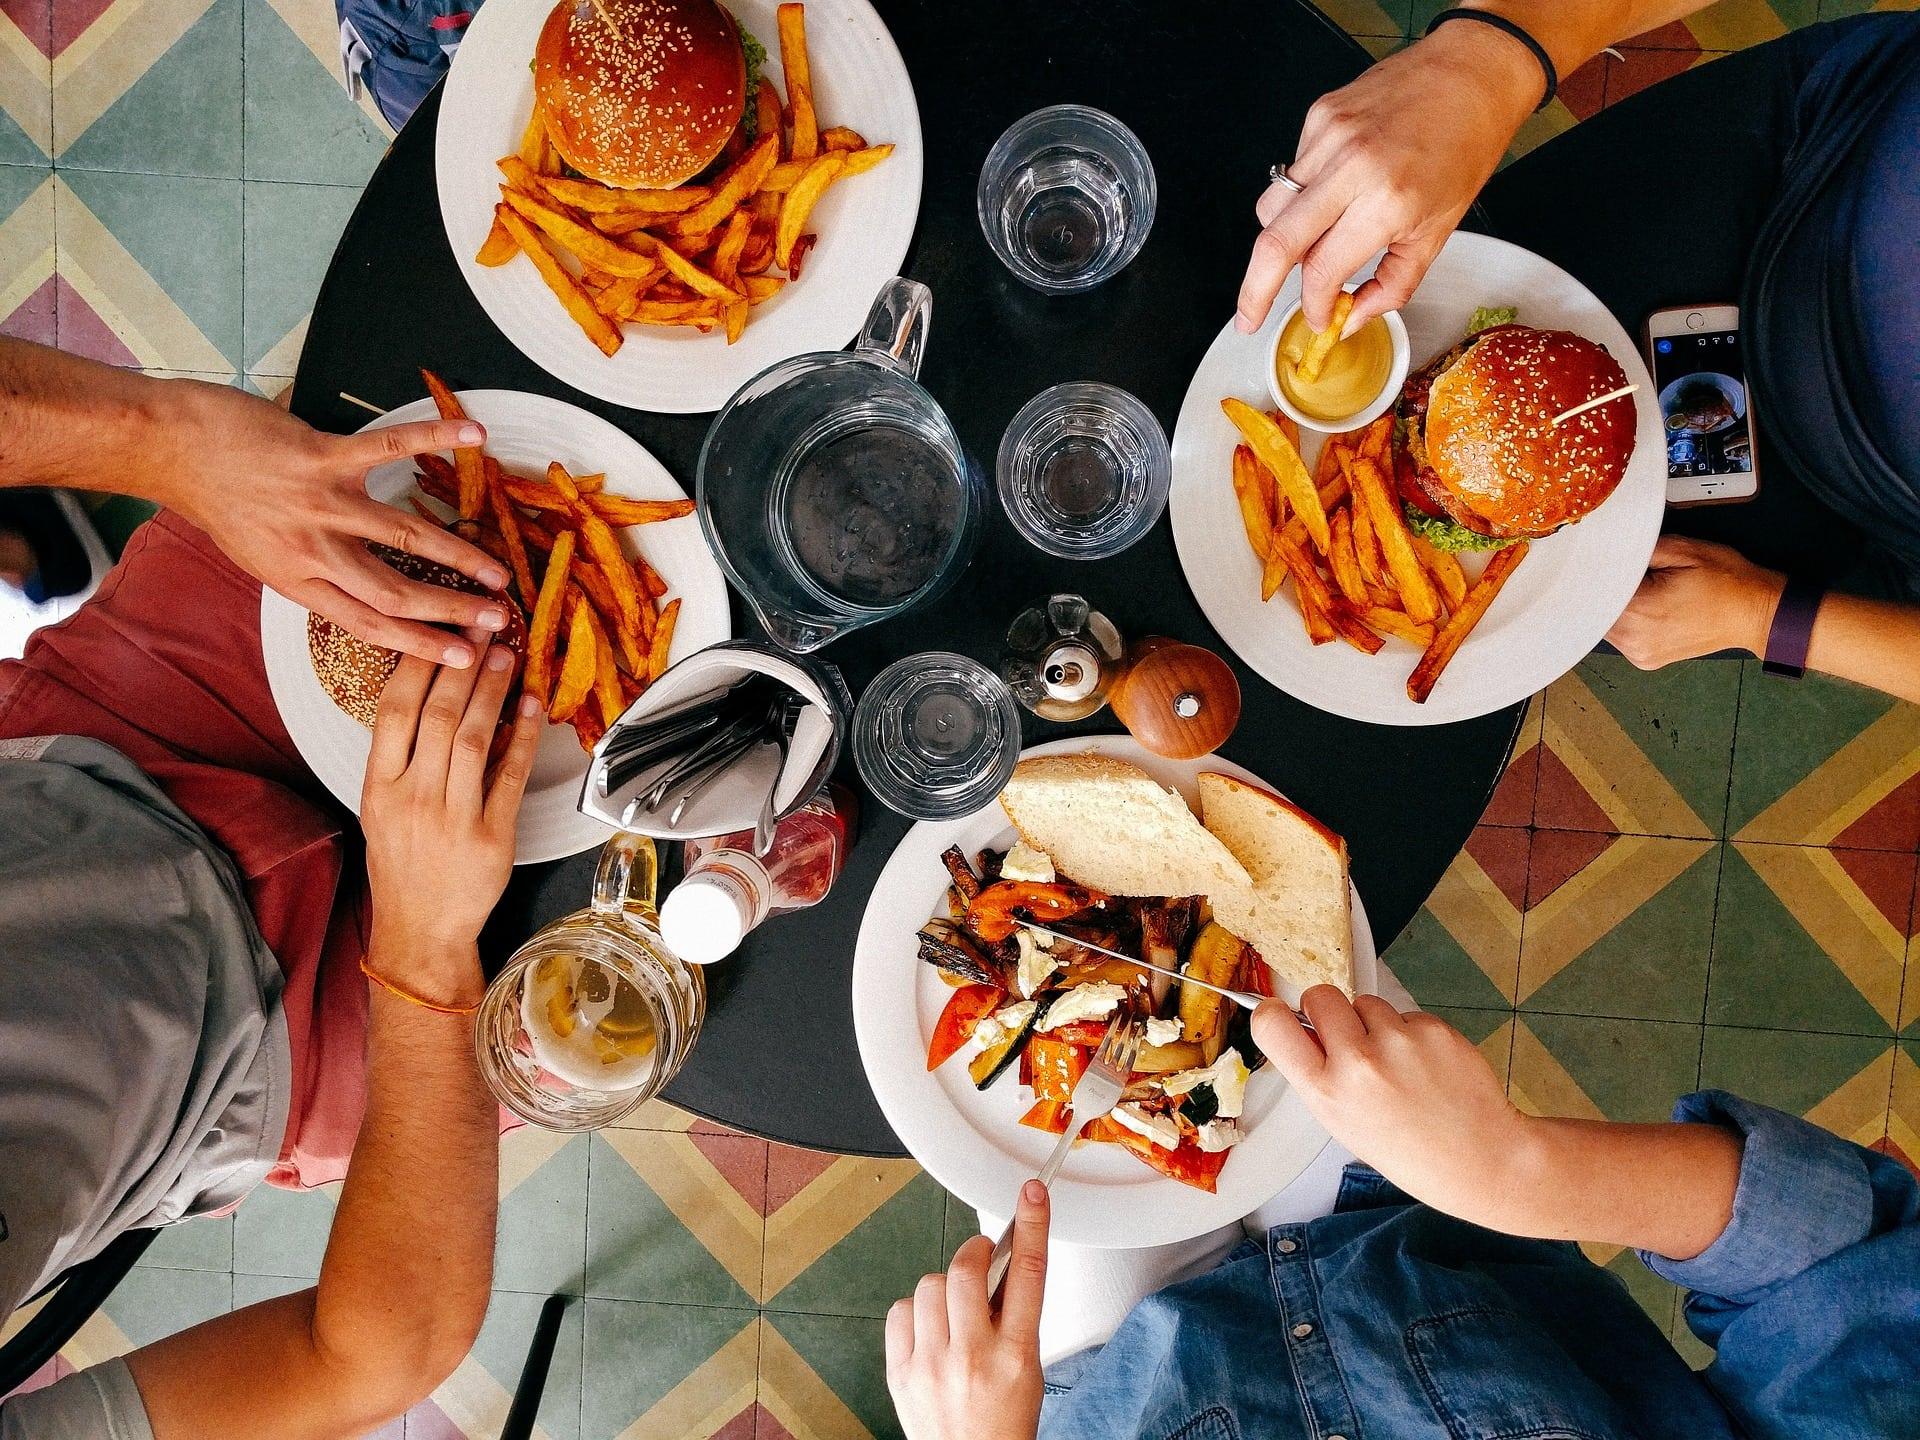 étterem-hamburger-barátok-pepitablog